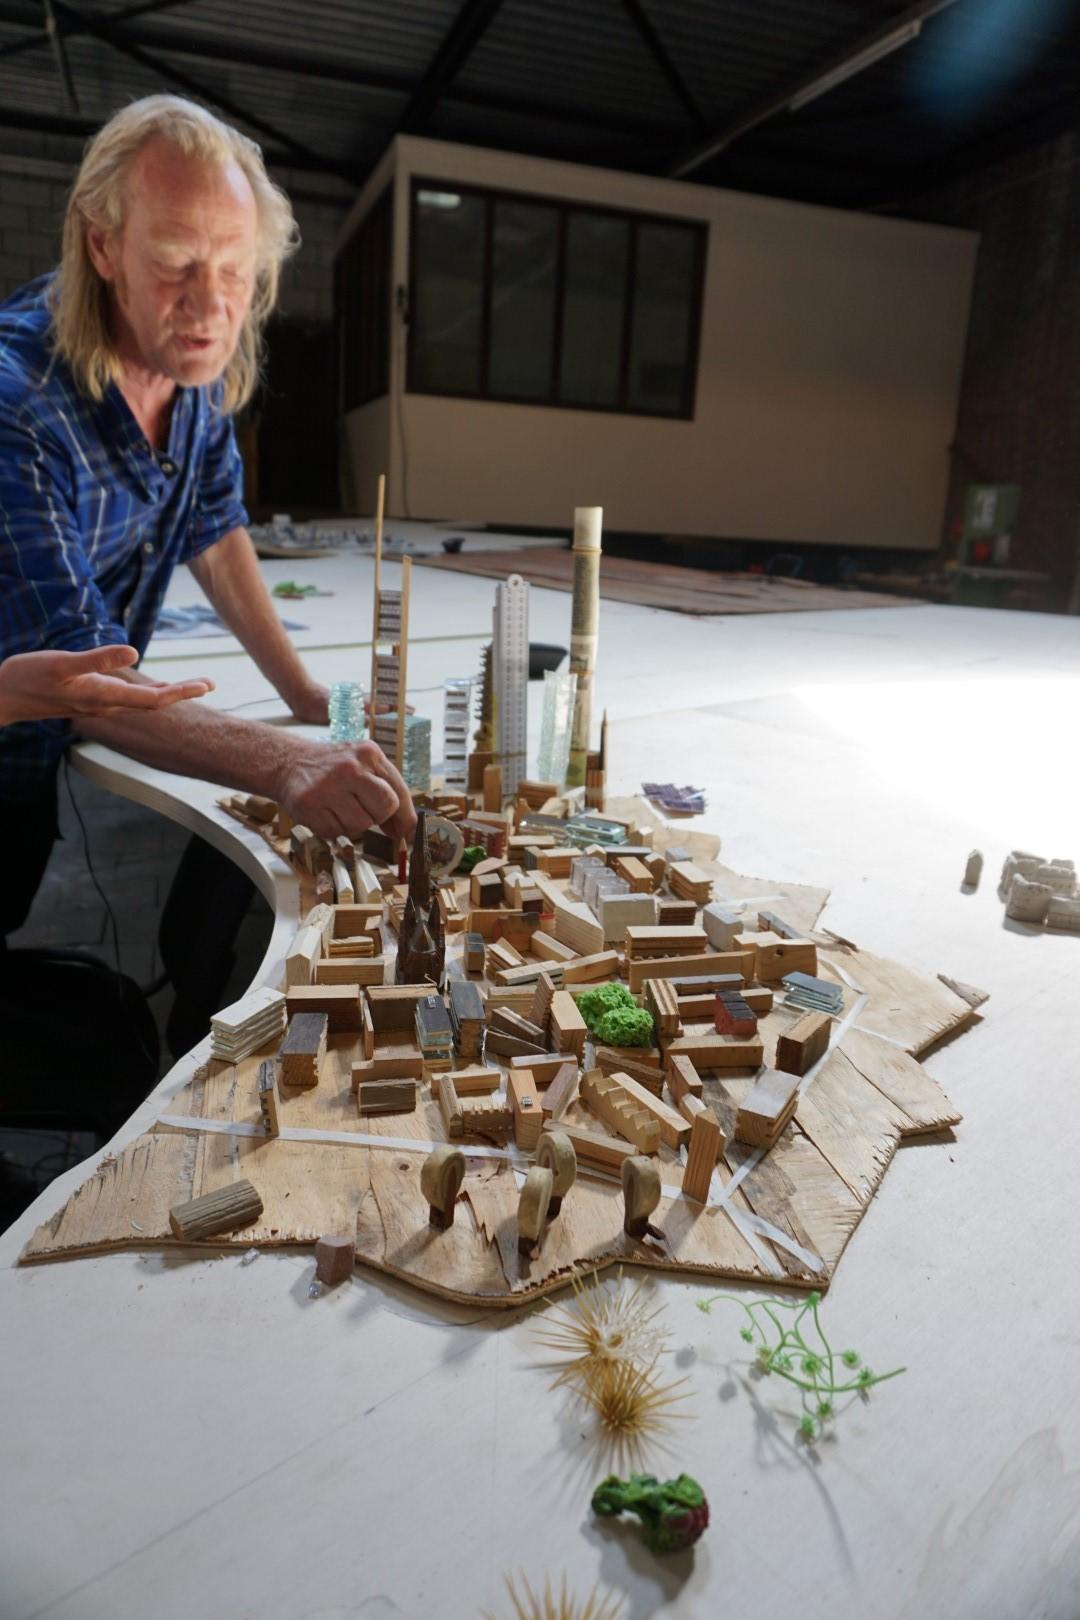 historisches museum frankfurt: Die Innenstadt ist schon angedeutet